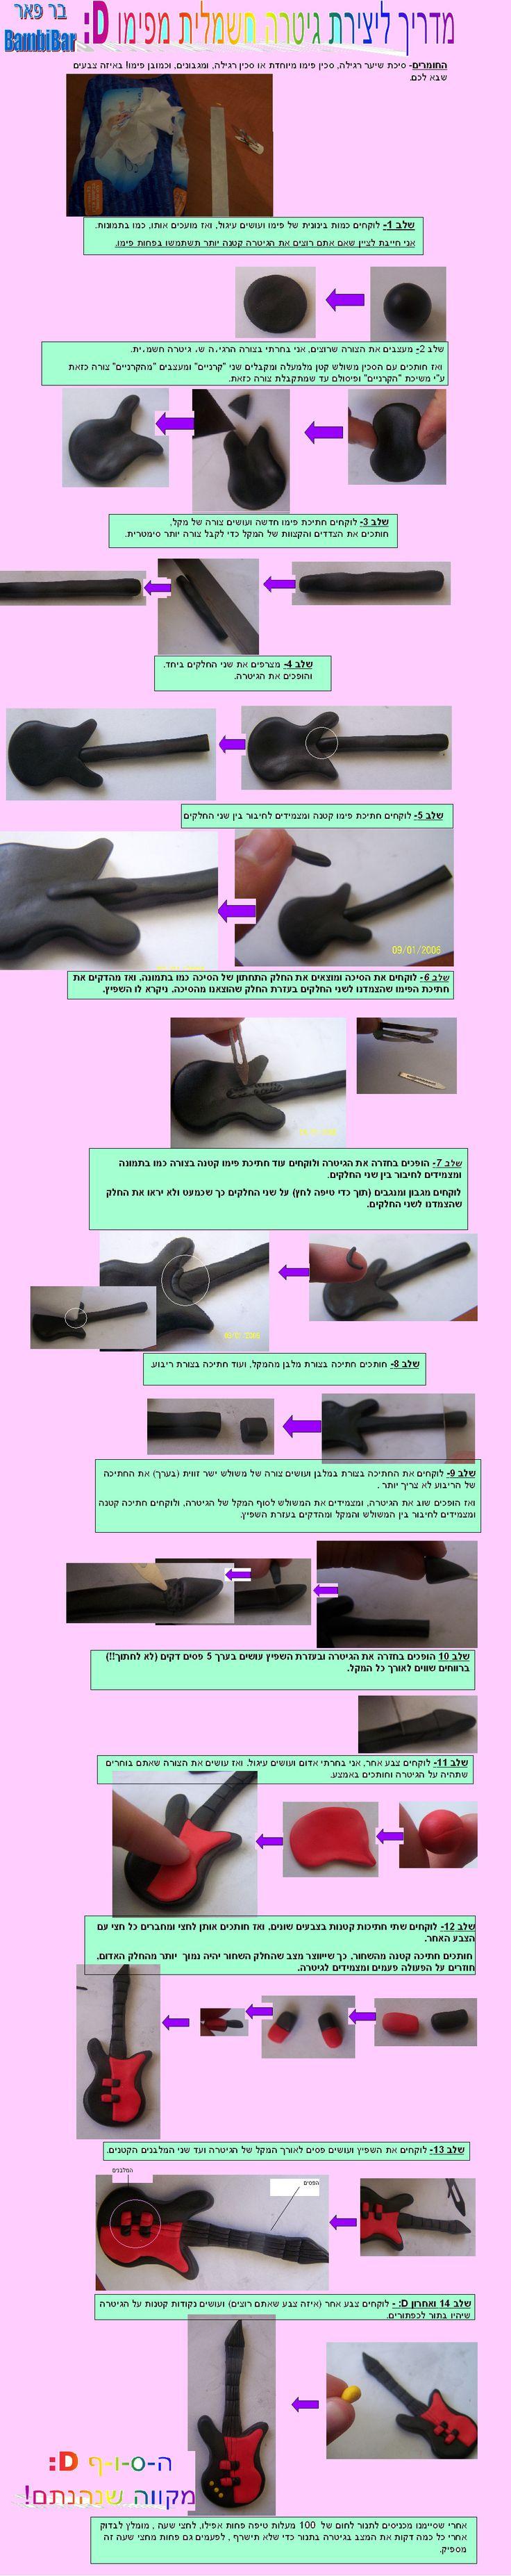 guitar topper tutorial  www.decorazionidolci.it  Idee e strumenti per il #cakedesign